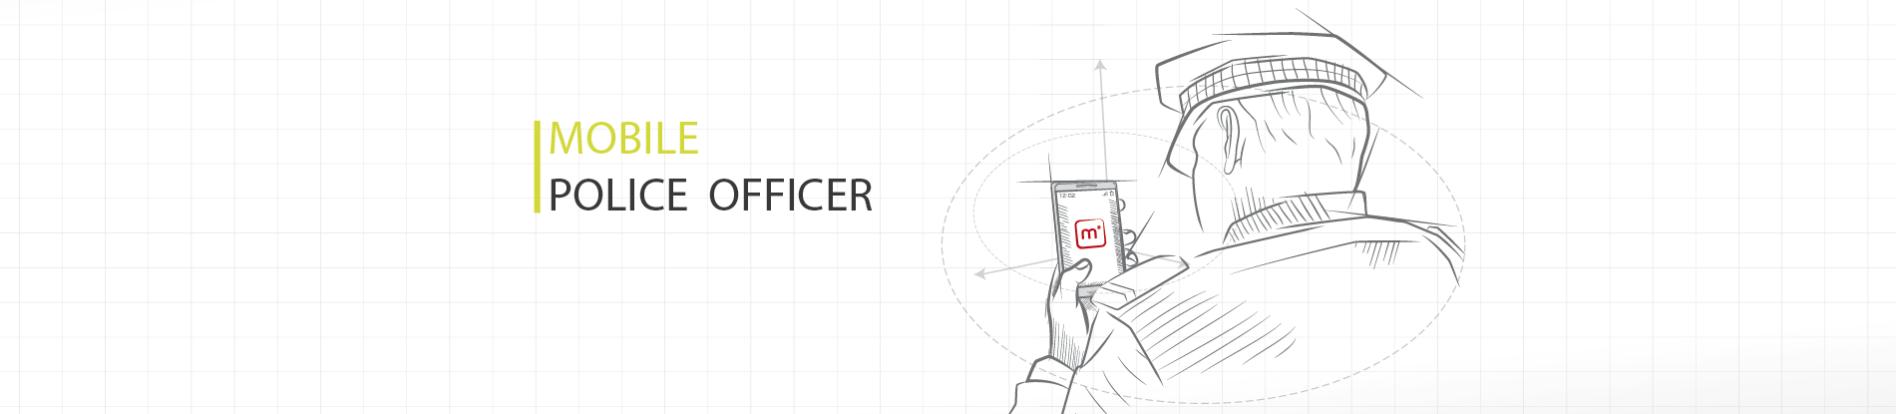 mobile officer1